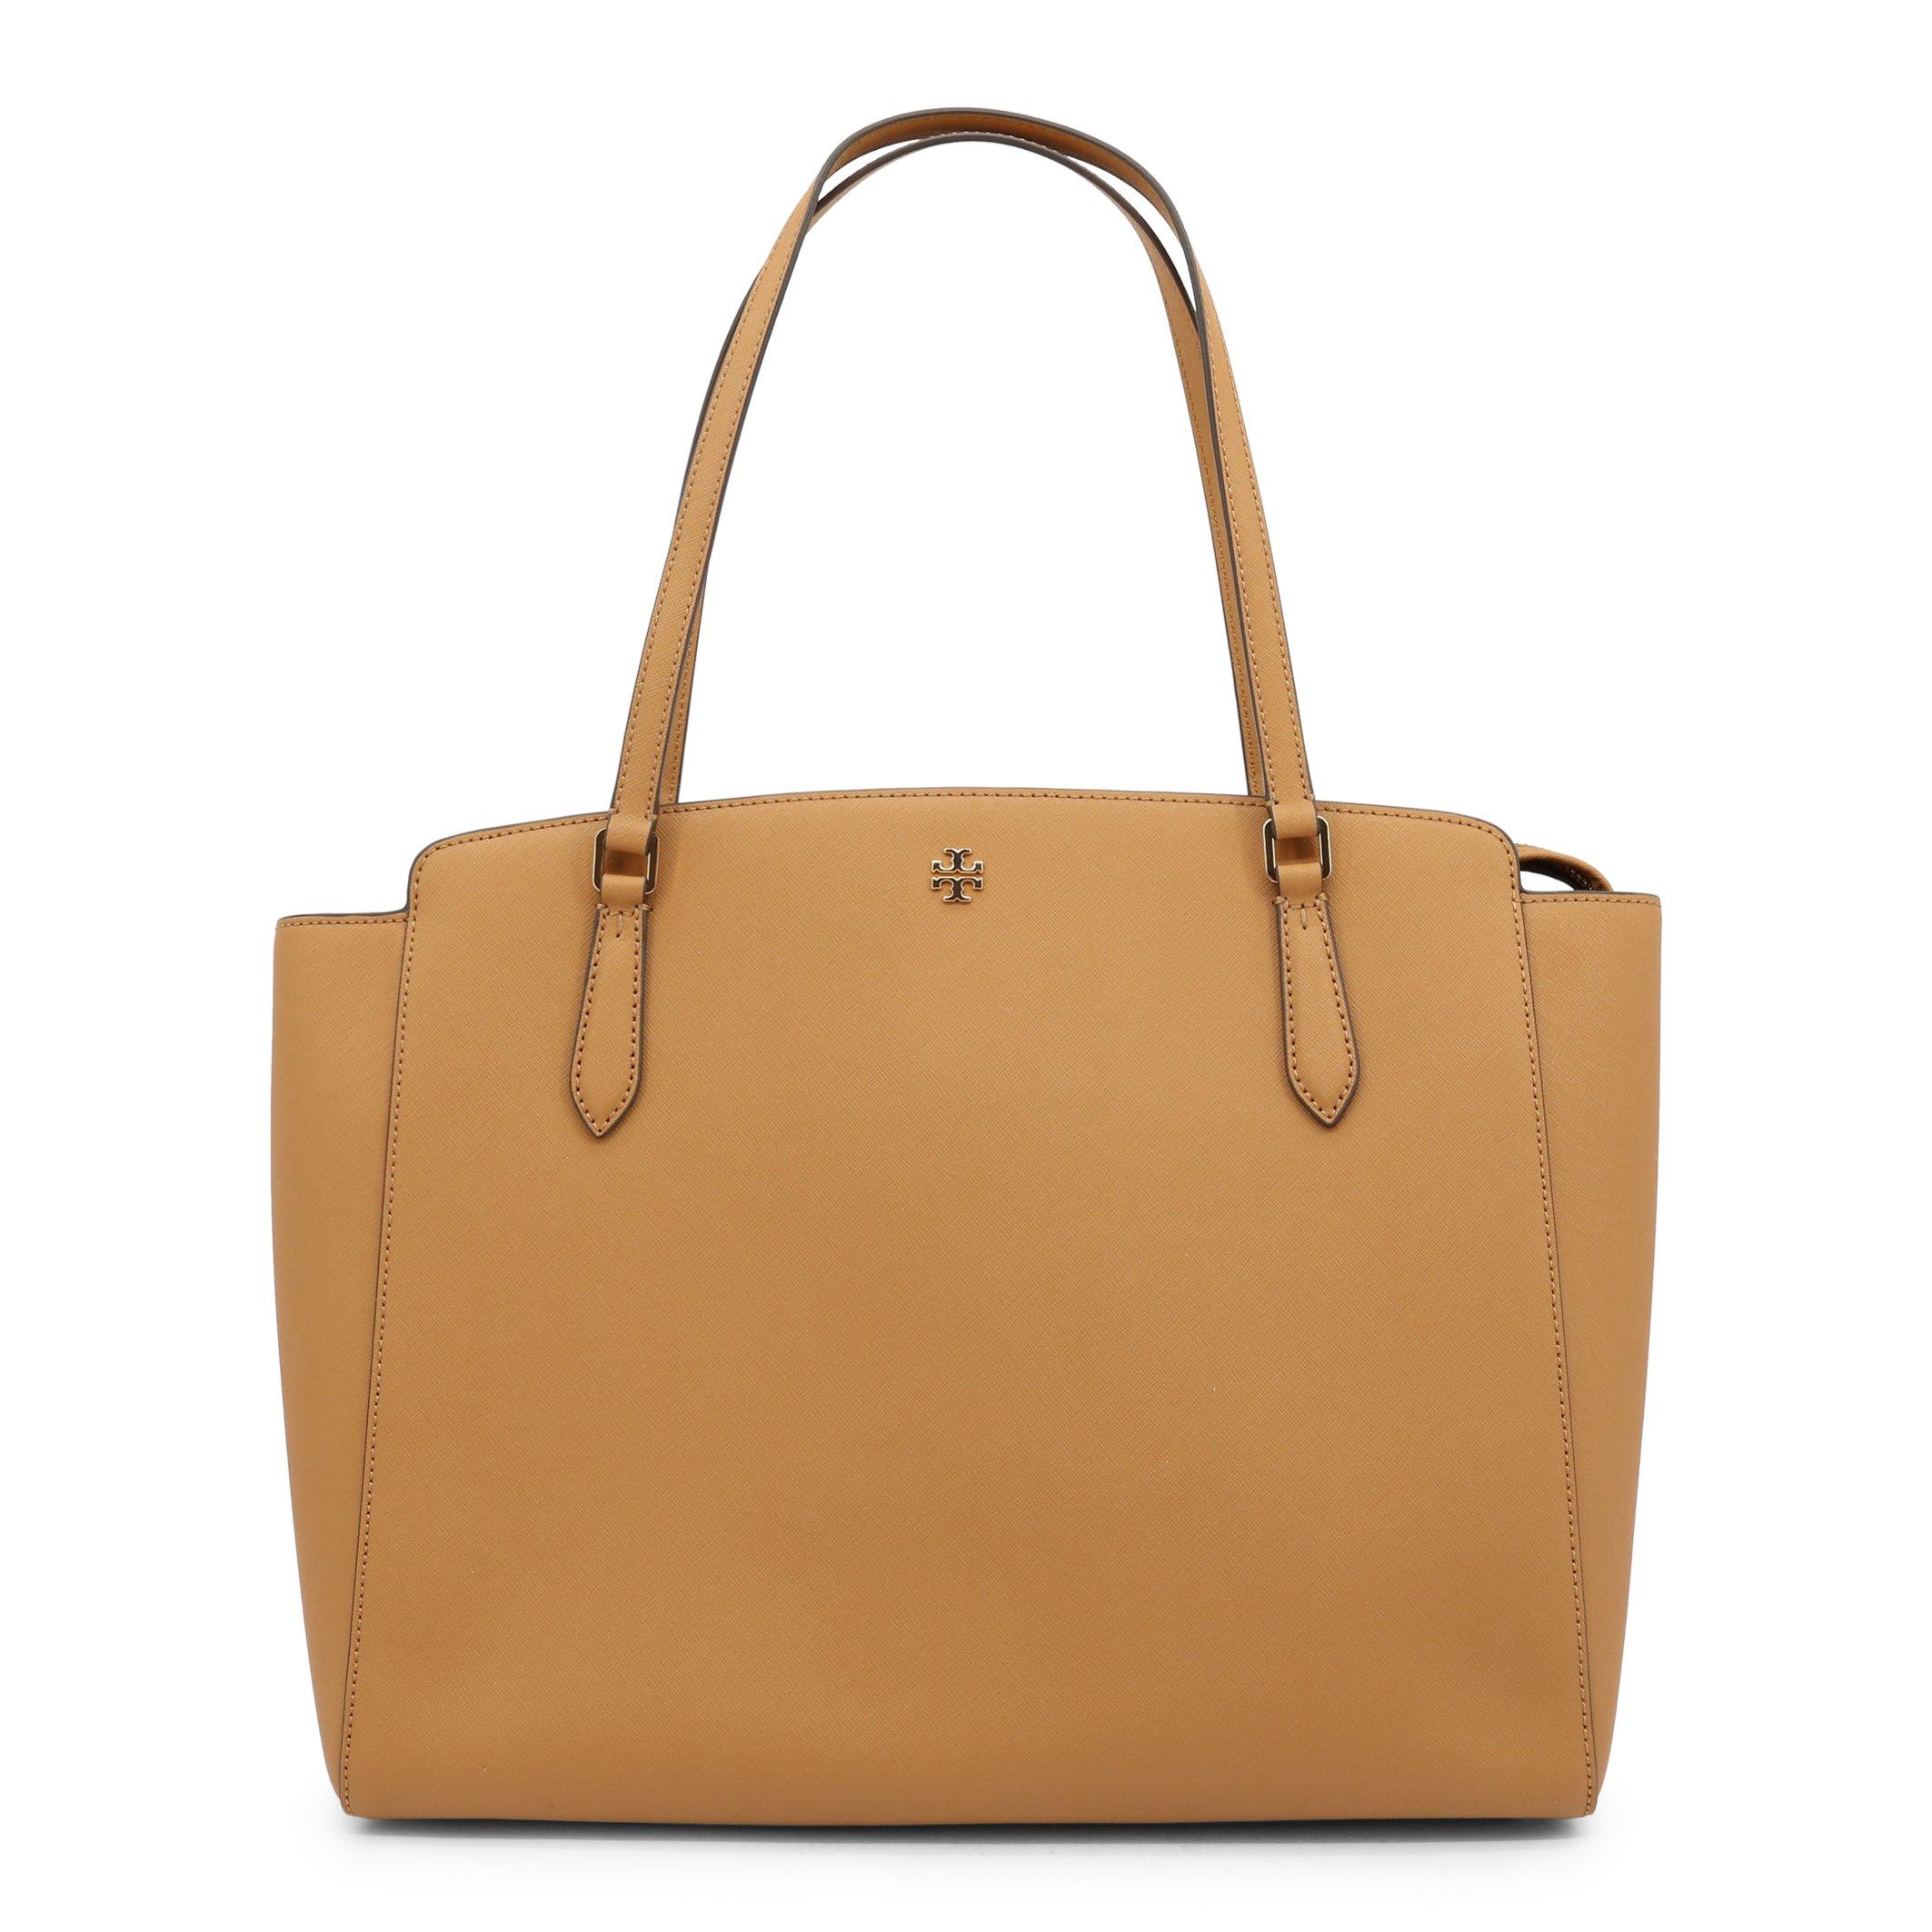 Tory Burch Women's Shopping Bag Blue 64190 - brown NOSIZE